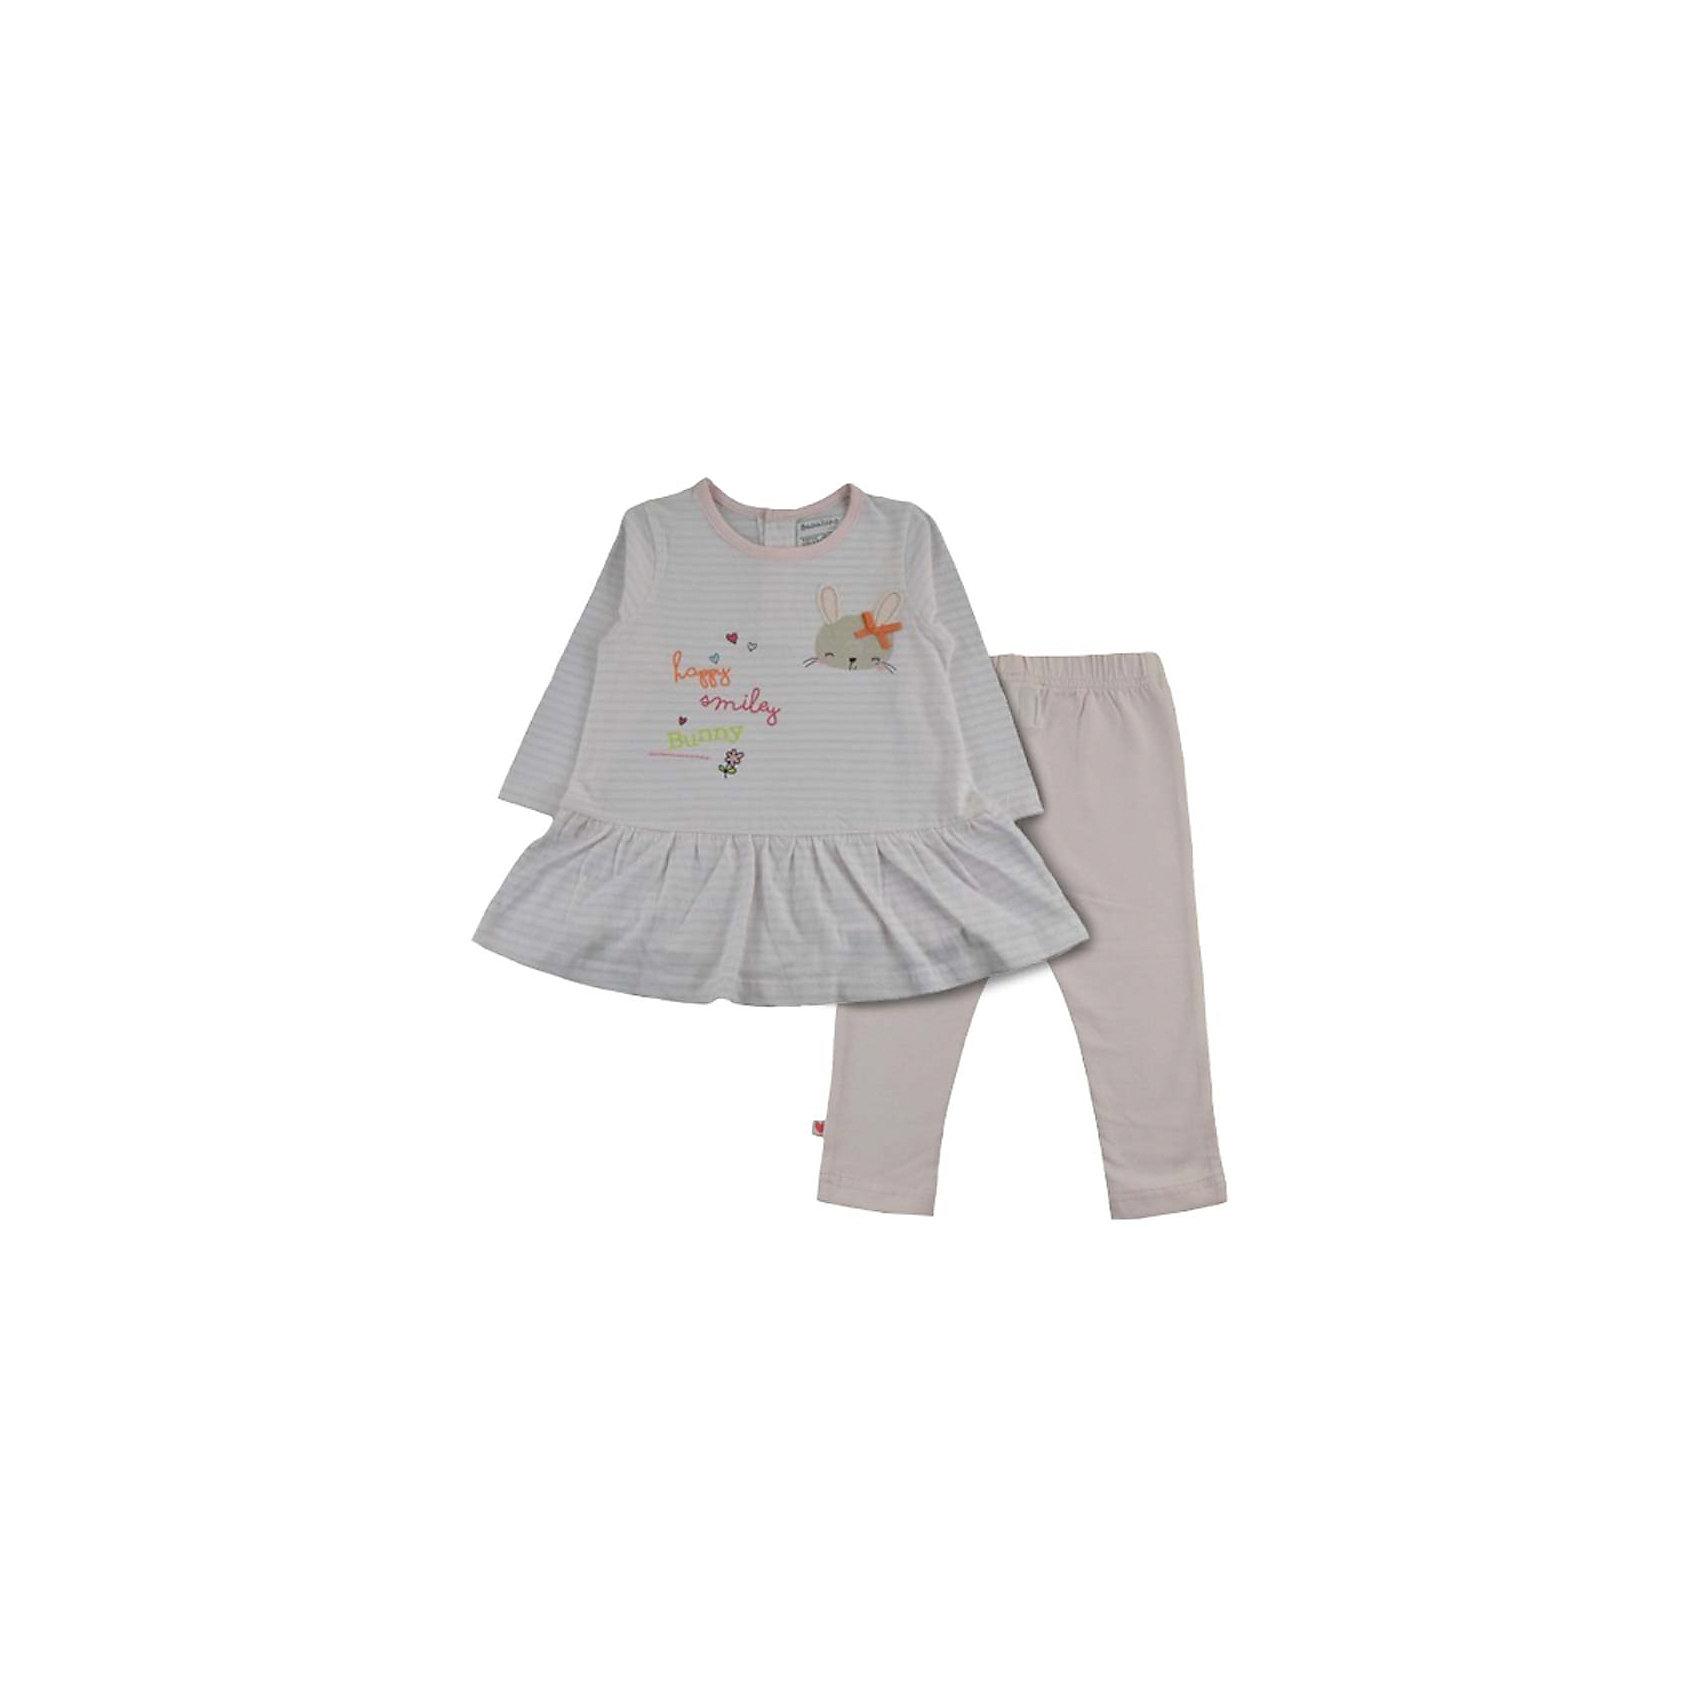 Комплект: платье и леггинсы для девочки BABALUNOКомплект: платье и леггинсы для девочки от популярной английской марки BABALUNO<br><br>Симпатичный и очень удобный комплект состоит из платья и леггинсов. Модель отлично сидит на малышах, не стесняет движения. Материал - гипоаллергенный, дышащий и приятный на ощупь.<br><br>Особенности модели:<br><br>- материал - хлопковый трикотаж;<br>- цвет: розовый;<br>- платье в полоску украшено принтом с аппликацией;<br>- внизу - волан;<br>- рукав длинный, горловой вырез - круглый;<br>- застежка - сзади;<br>- леггинсы - из плотного эластичного трикотажа;<br>- пояс - на резинке.<br><br>Дополнительная информация:<br><br>Состав: 100% хлопок<br><br>Уход за изделием:<br><br>стирка в машине при температуре до 30°С,<br>не отбеливать,<br>гладить на средней температуре.<br><br>Комплект: платье и леггинсы для девочки BABALUNO (Бабалуно) можно купить в нашем магазине<br><br>Ширина мм: 190<br>Глубина мм: 74<br>Высота мм: 229<br>Вес г: 236<br>Цвет: бежевый<br>Возраст от месяцев: 0<br>Возраст до месяцев: 3<br>Пол: Женский<br>Возраст: Детский<br>Размер: 56/62,62/68,68/74,74/80<br>SKU: 4262862